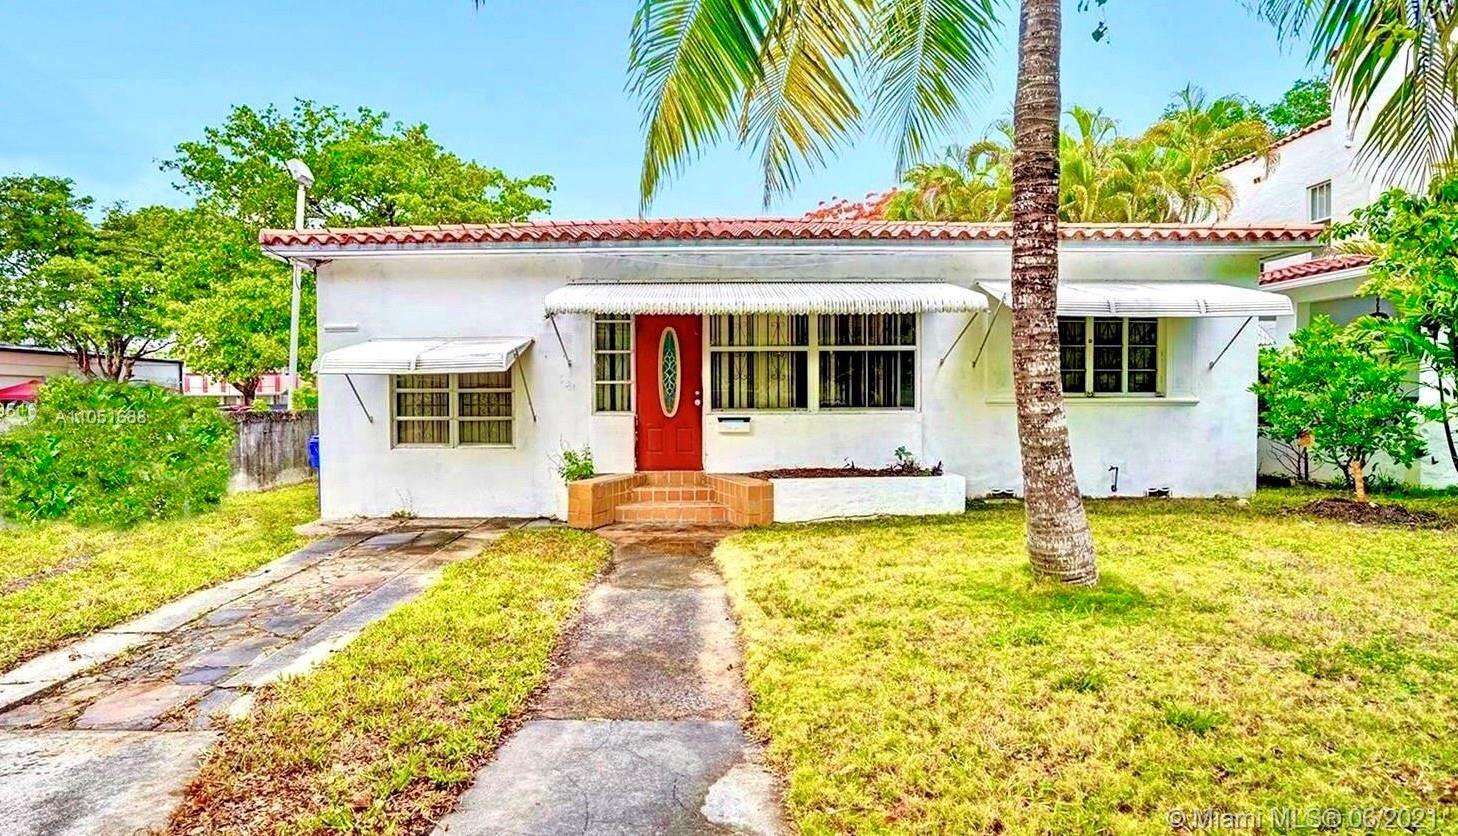 631 NE 69th St, Miami, FL 33138 - #: A11051688